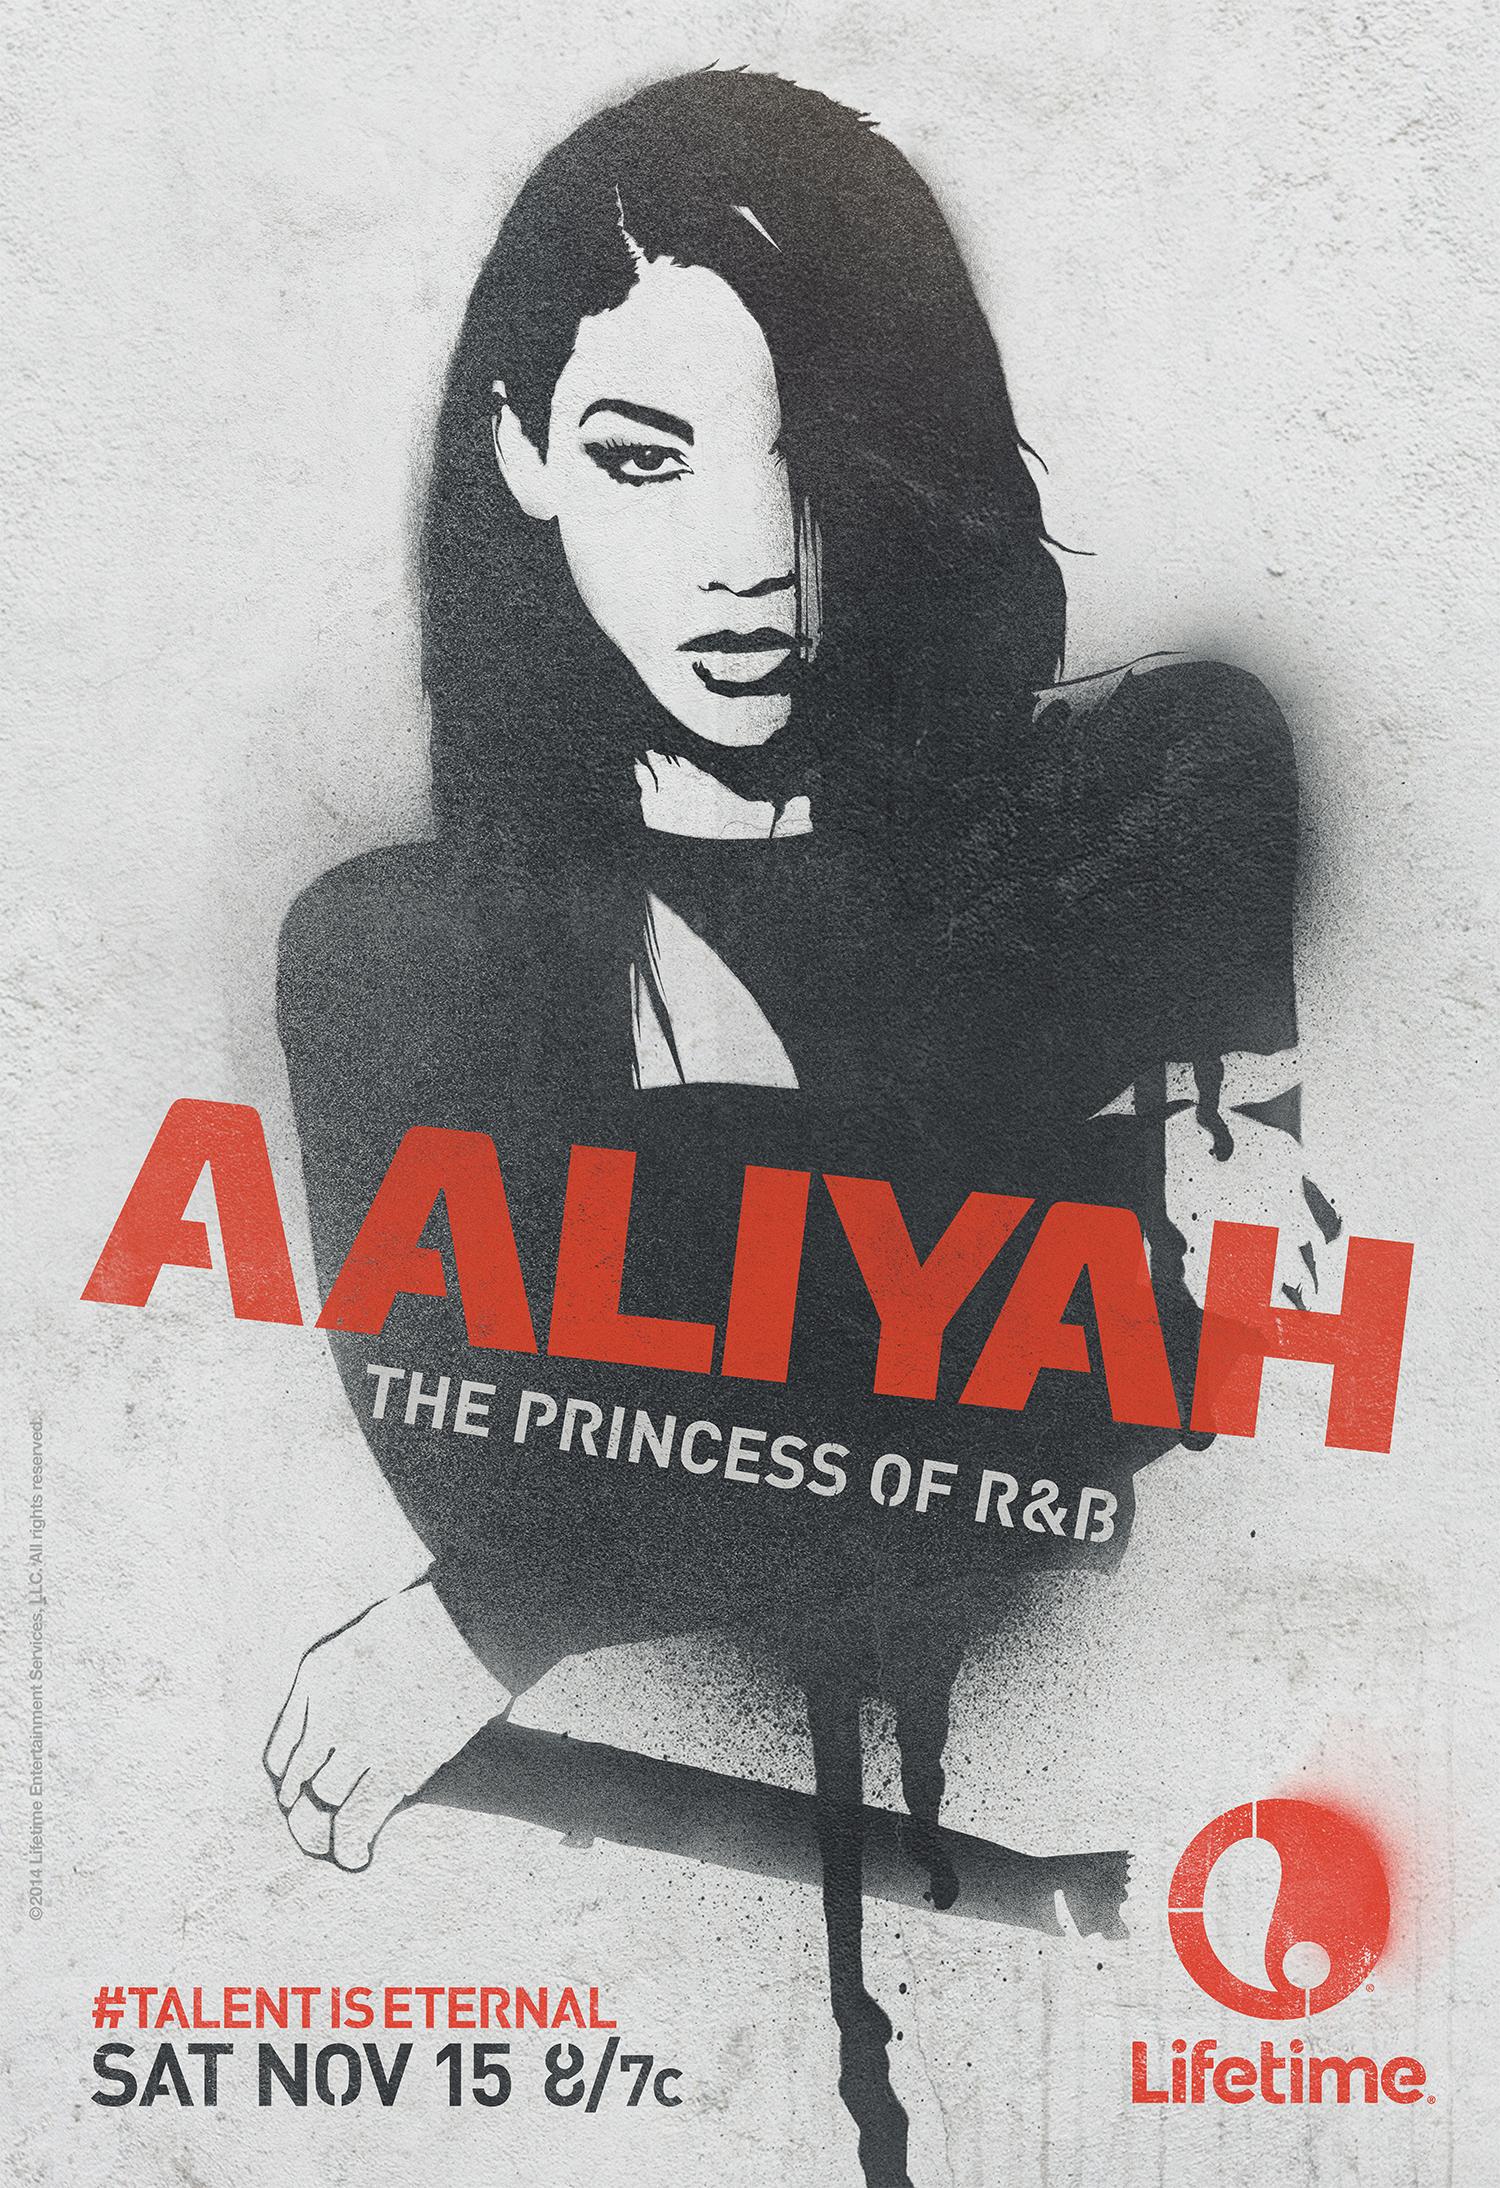 AALIYAH_finish